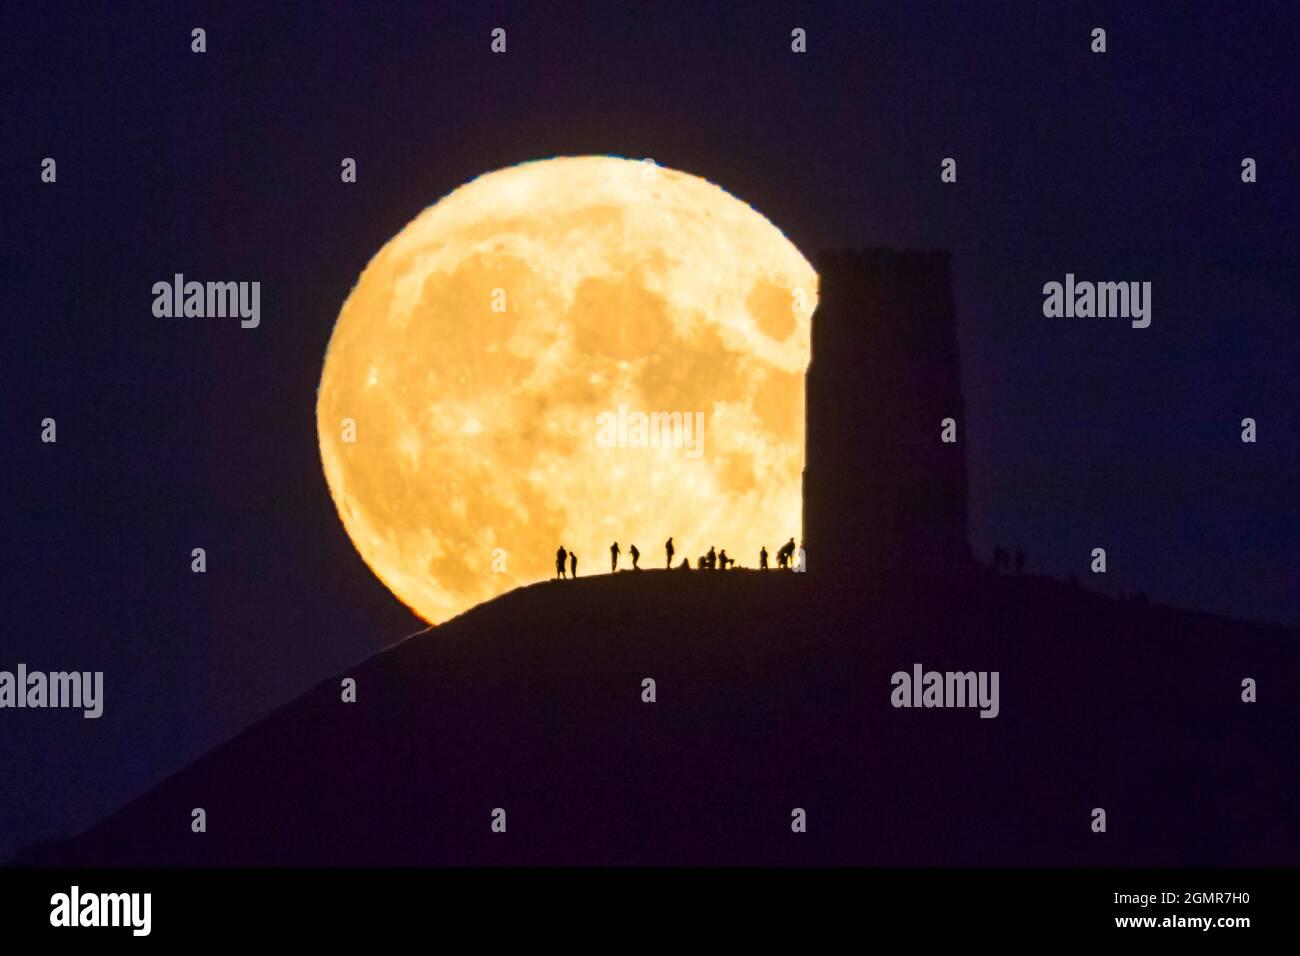 Glastonbury, Somerset, Royaume-Uni. 20 septembre 2021. Météo Royaume-Uni. La Lune de récolte complète s'élève dans le ciel clair de la nuit, derrière la Tour St Michael, sur Glastonbury Tor dans Somerset, en silhouetfiant les gens au sommet. Crédit photo : Graham Hunt/Alamy Live News Banque D'Images